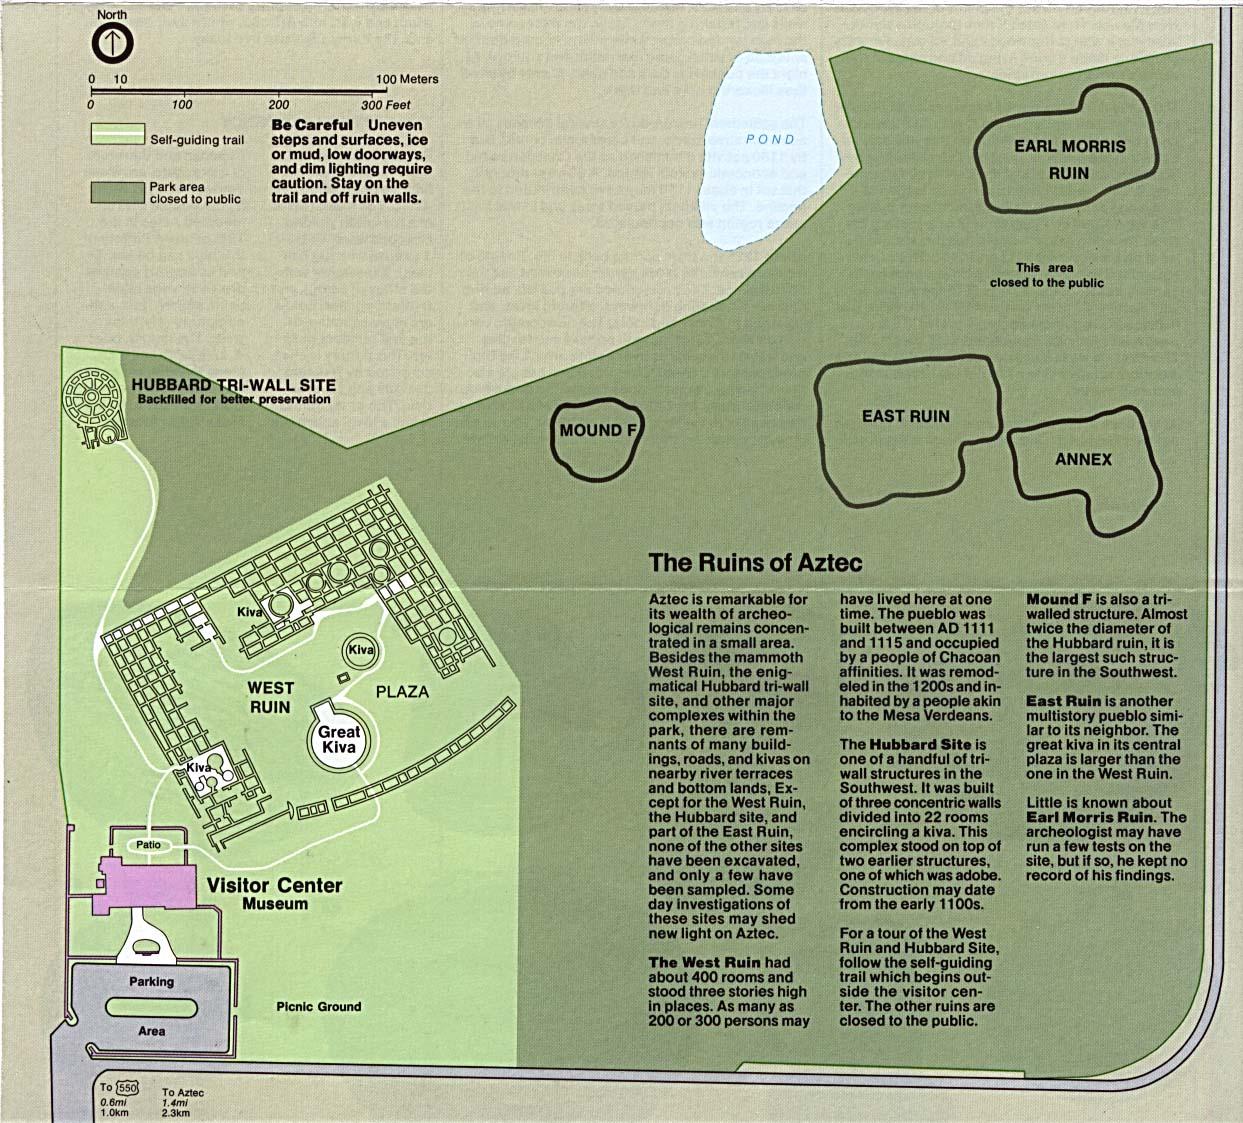 Mapa del Parque del Monumento Nacional de las Ruinas Aztecas, Nuevo México, Estados Unidos